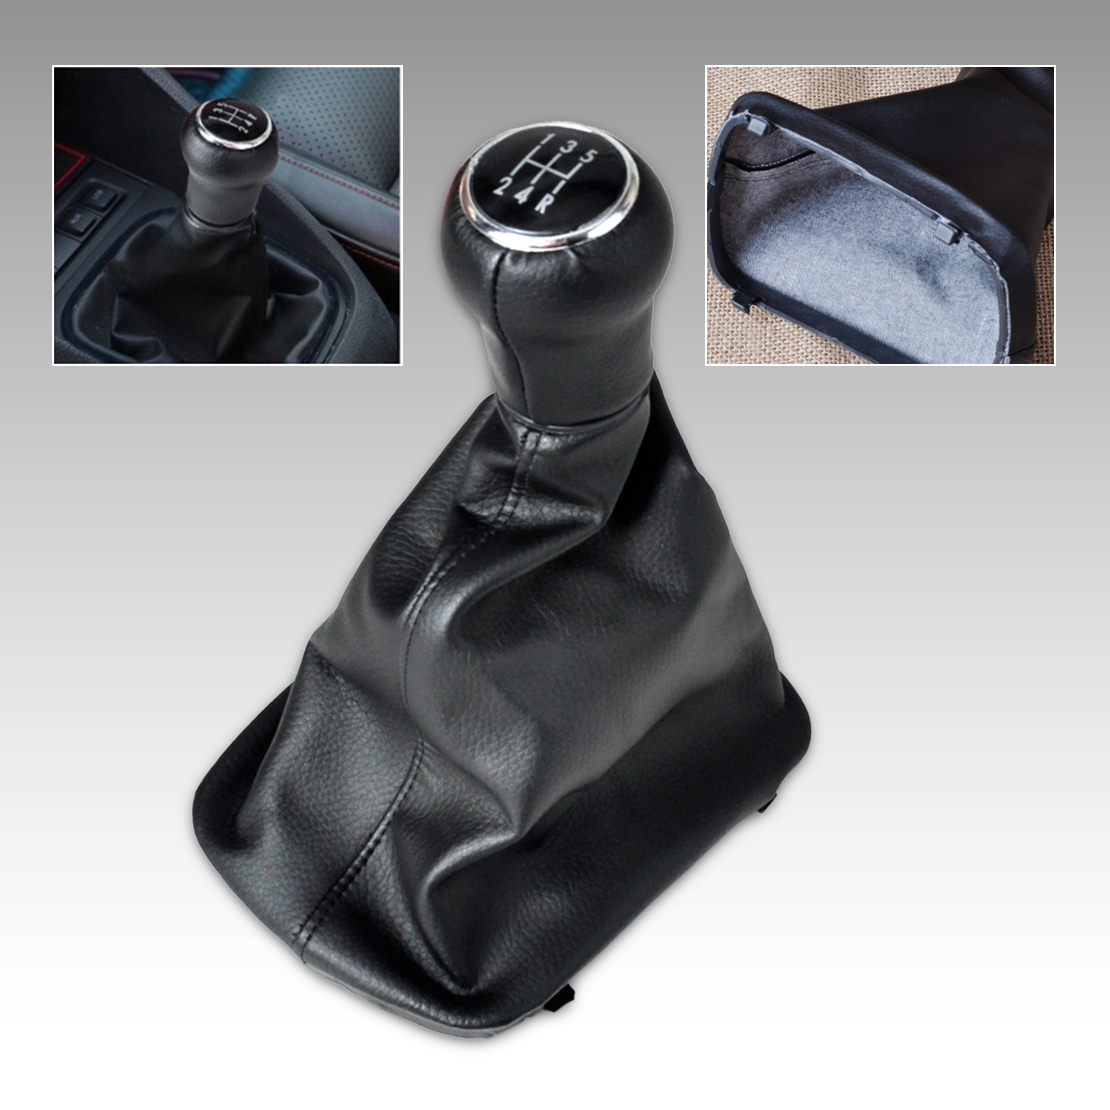 Citall 1 pc preto 5 velocidade da engrenagem shift knob gaitor boot oem. nenhum 4b0863279a para audi a6 c5 a4 b5 a8 d2 1997 1998 1999 2000 2001